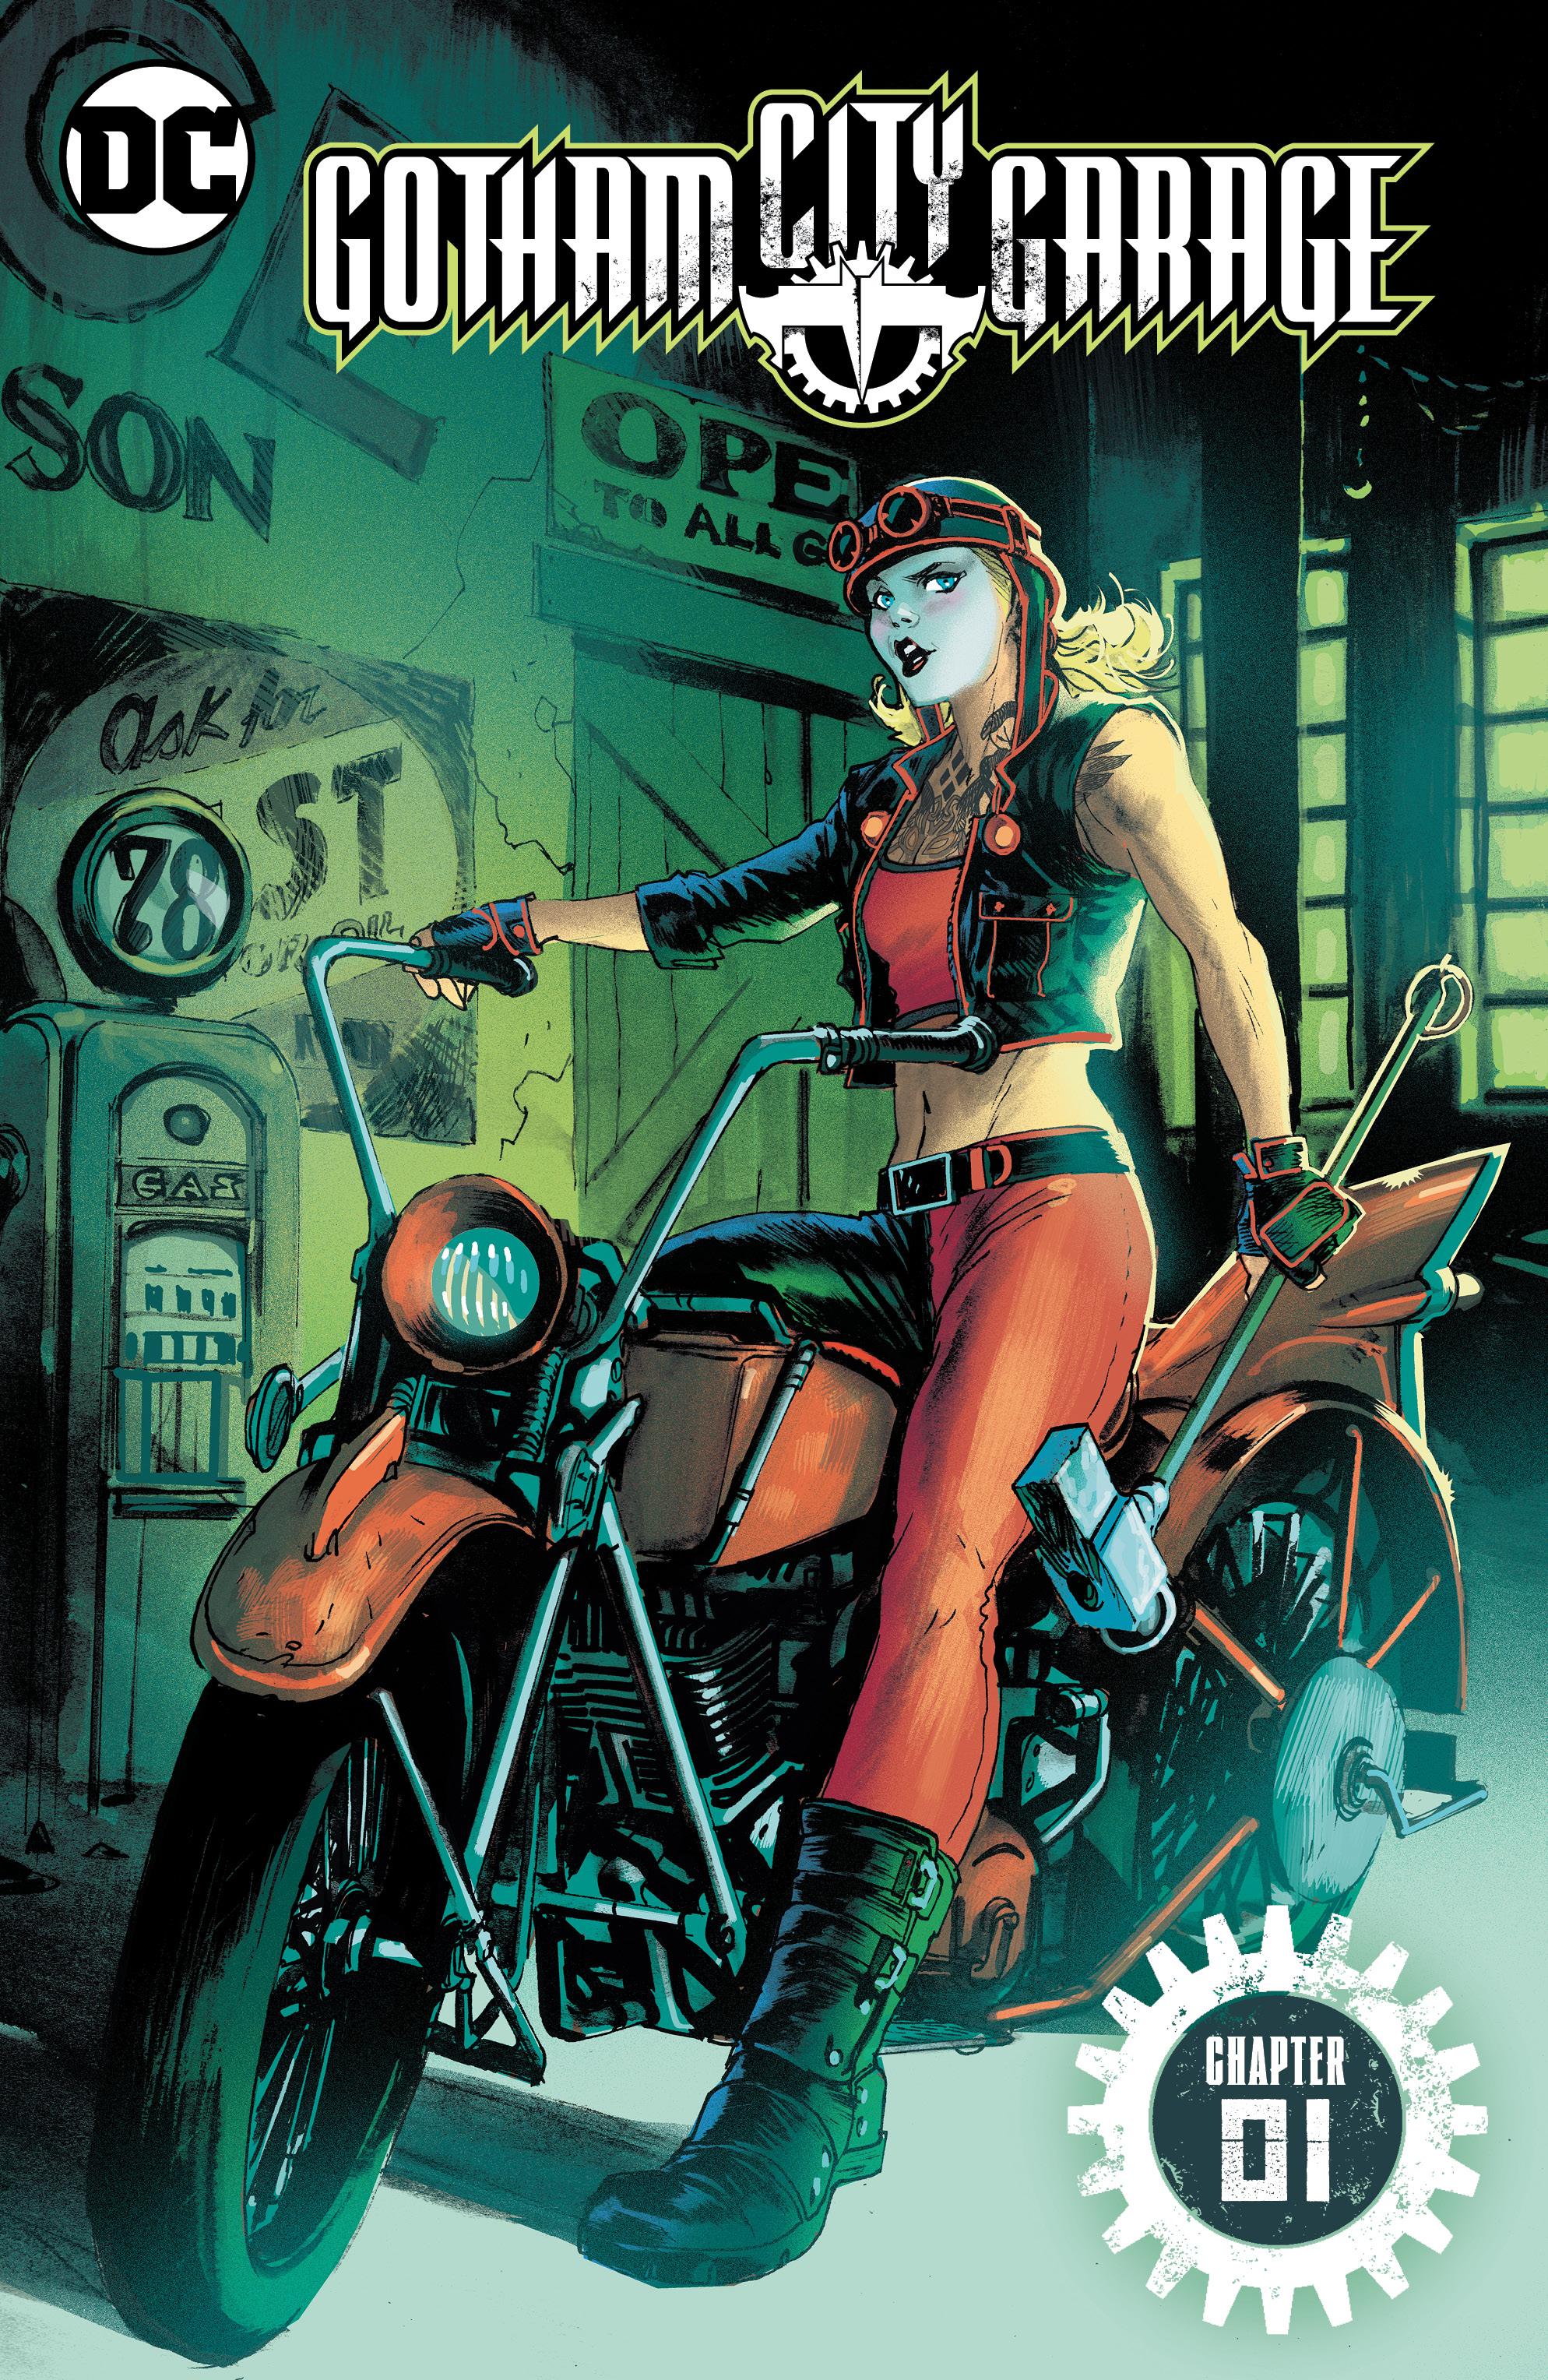 Gotham City Garage Vol 1 (Digital)